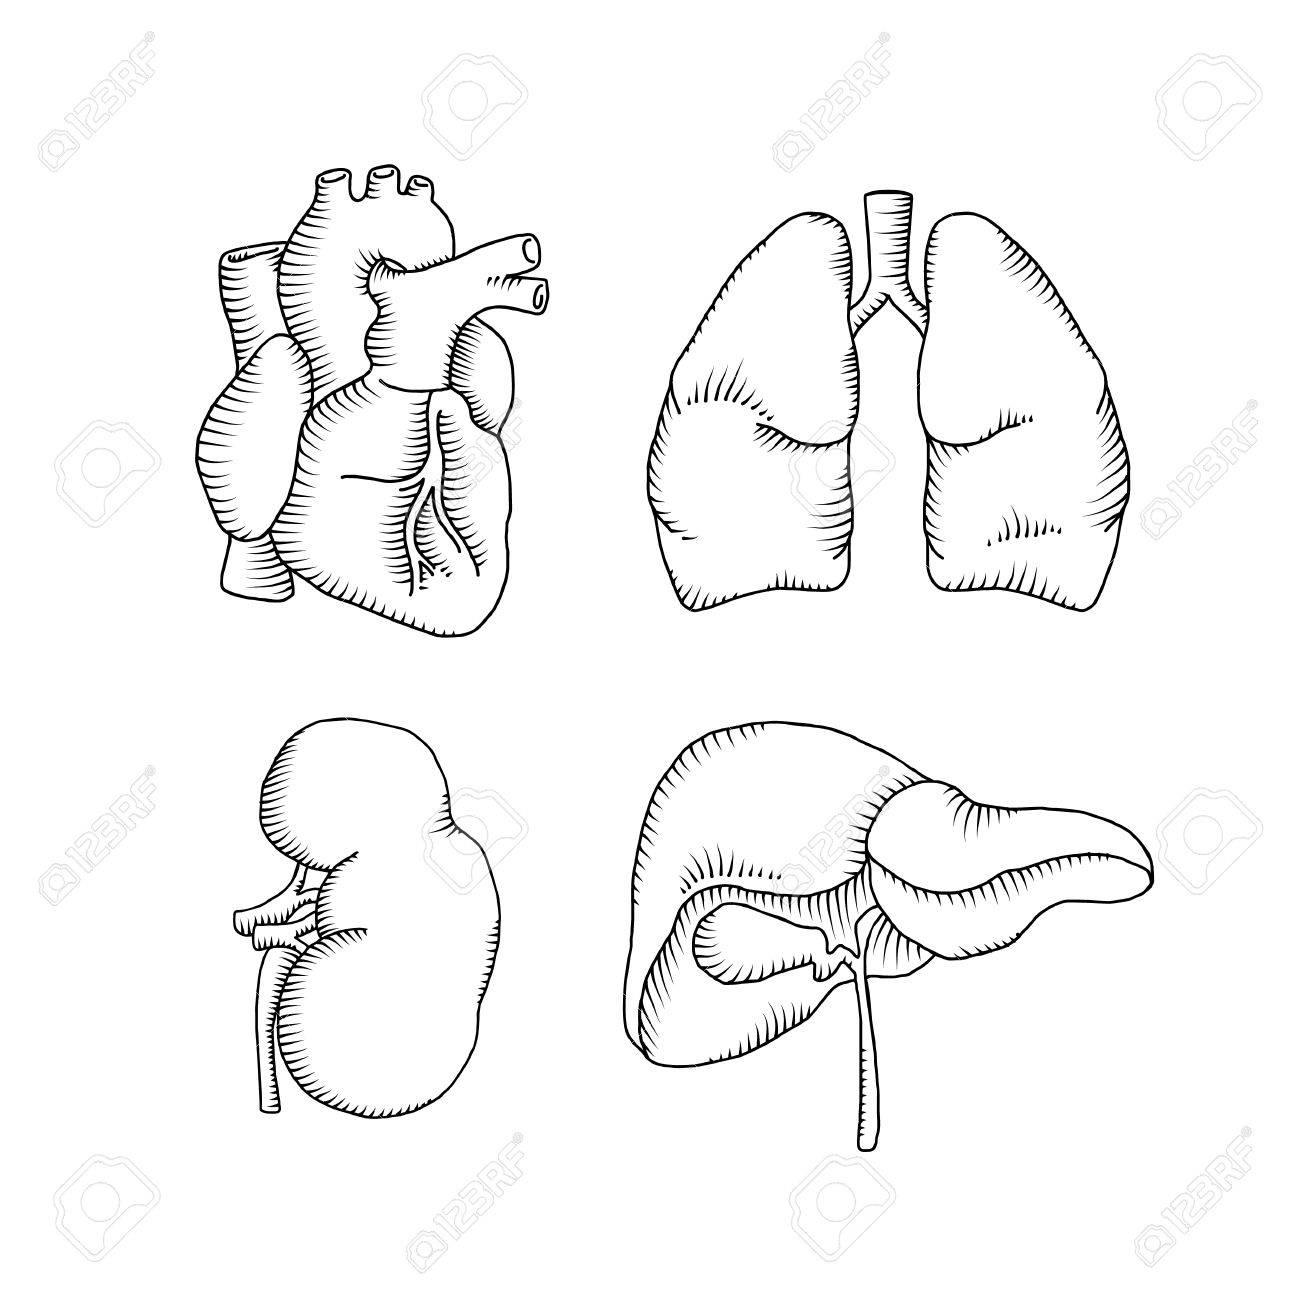 Human Liver Drawing At Getdrawings